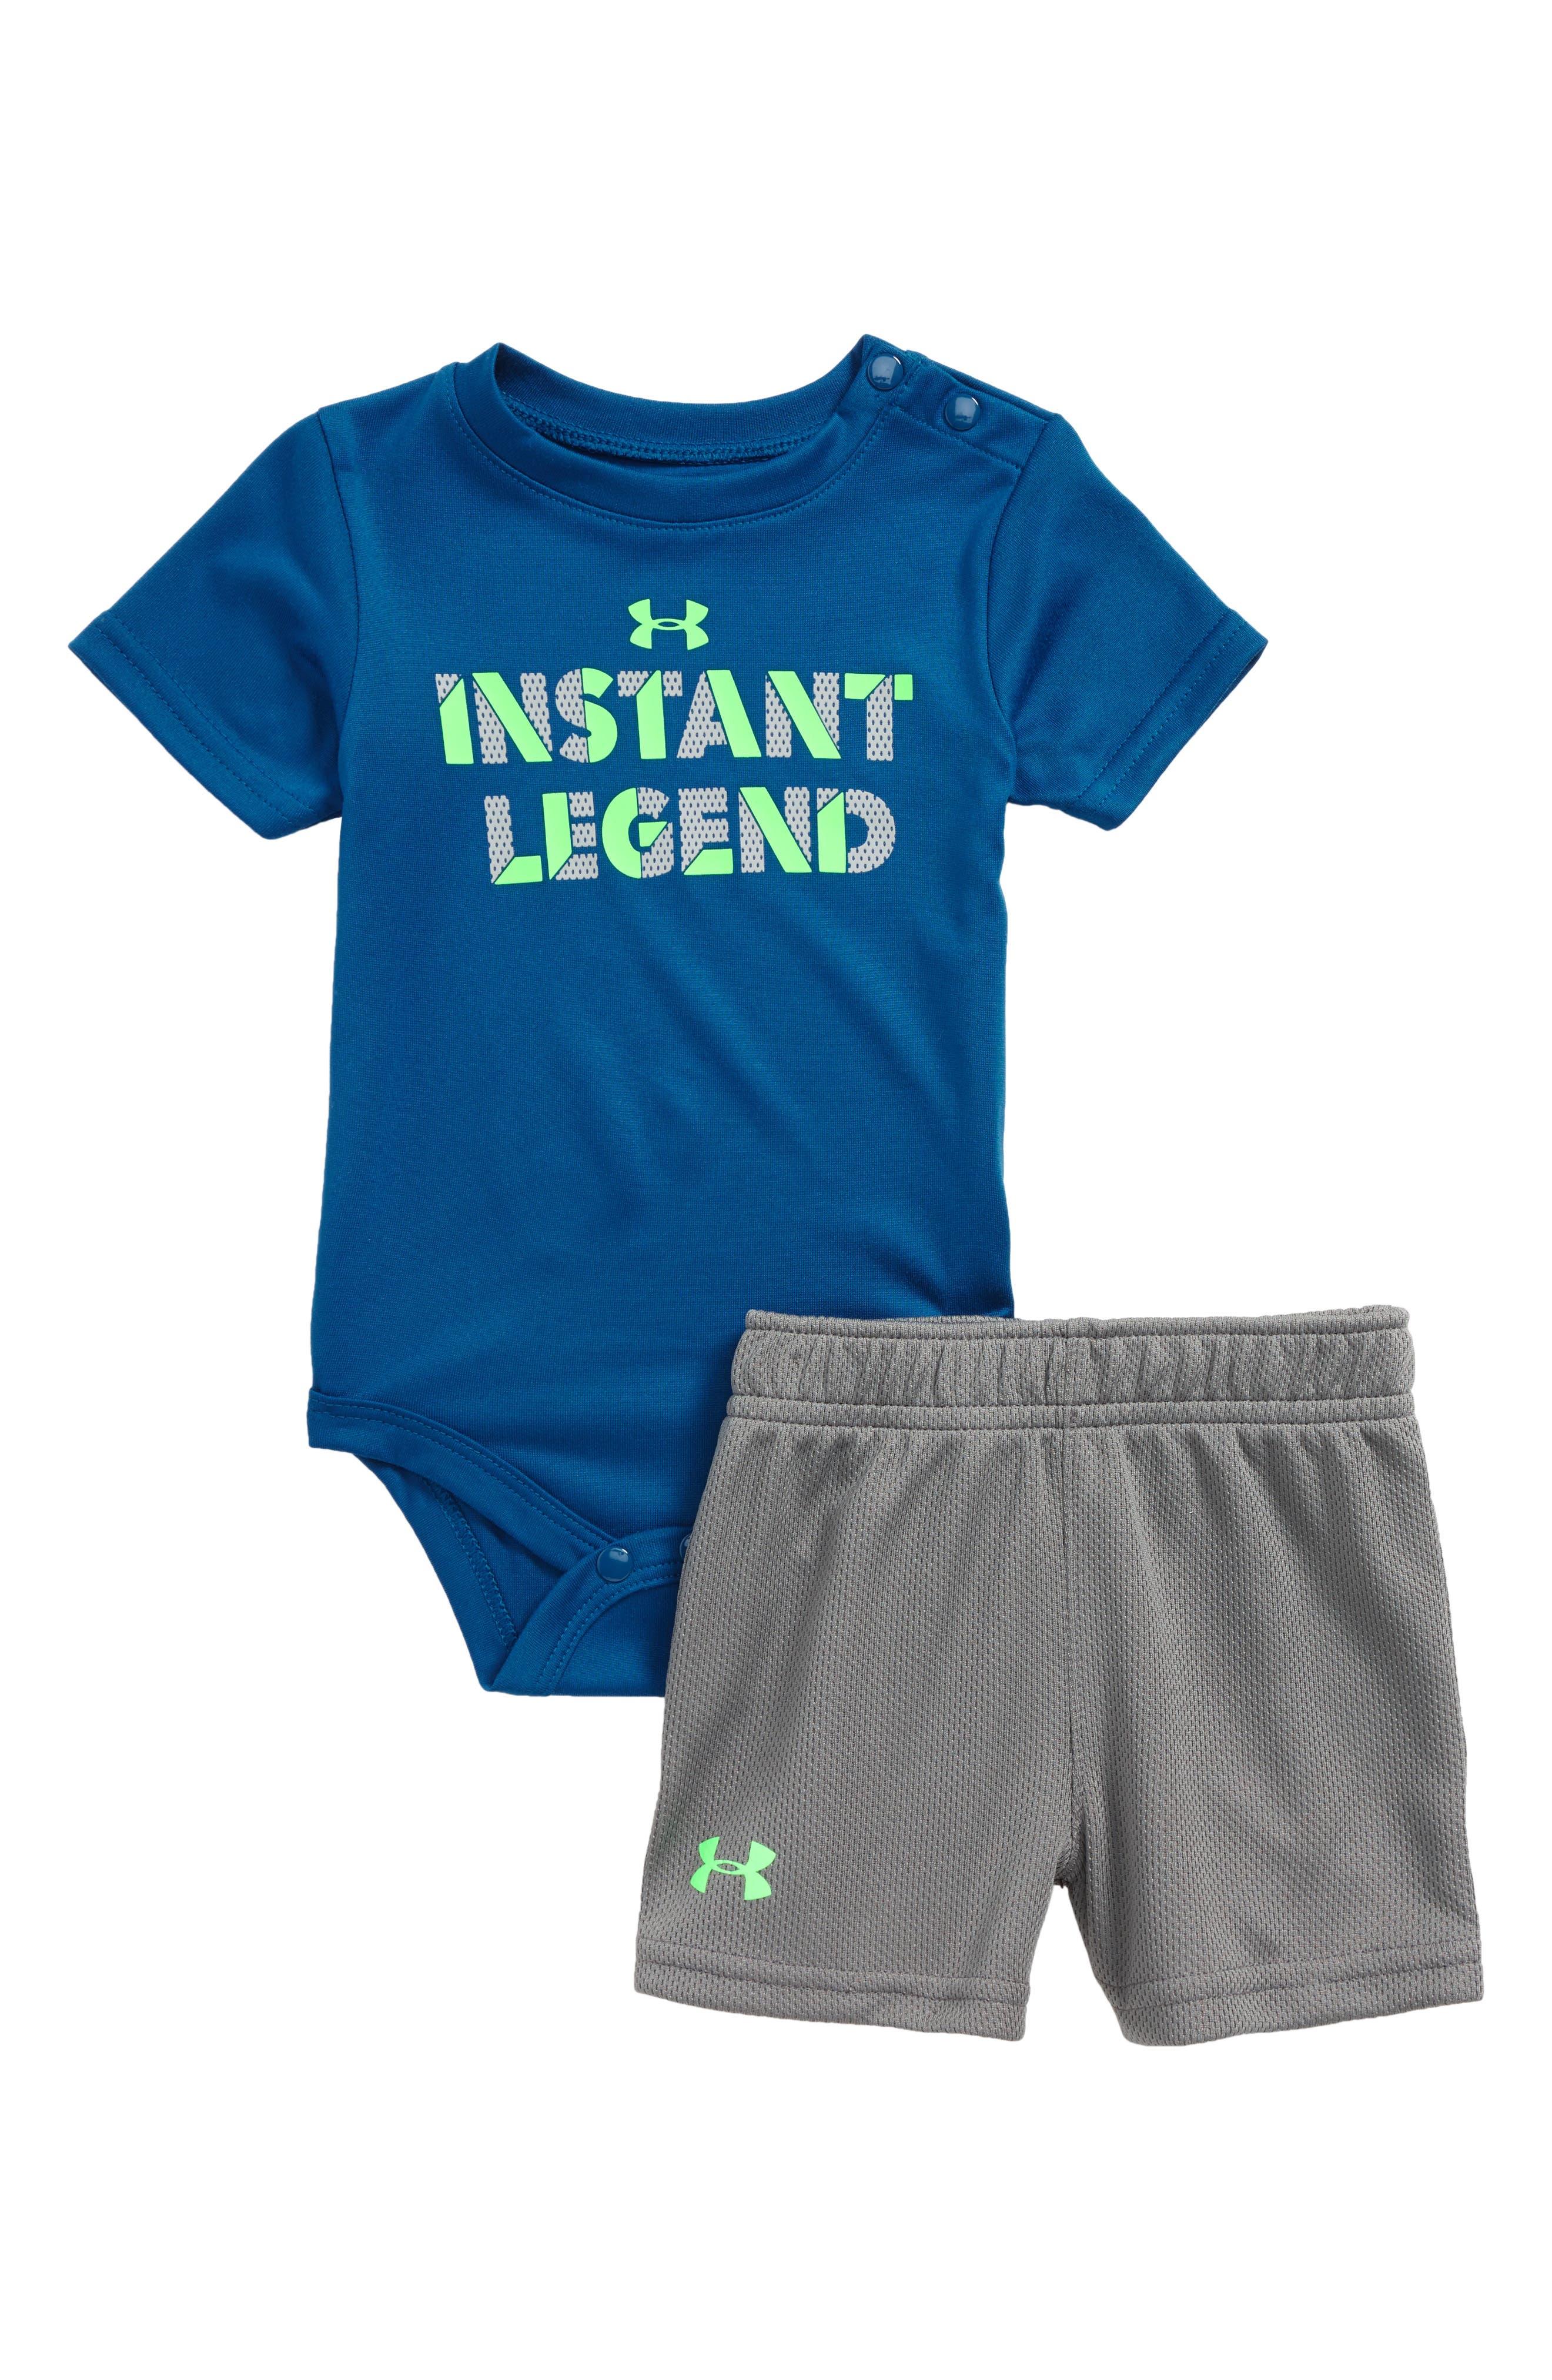 Instant Legend Bodysuit & Shorts Set,                             Main thumbnail 1, color,                             401